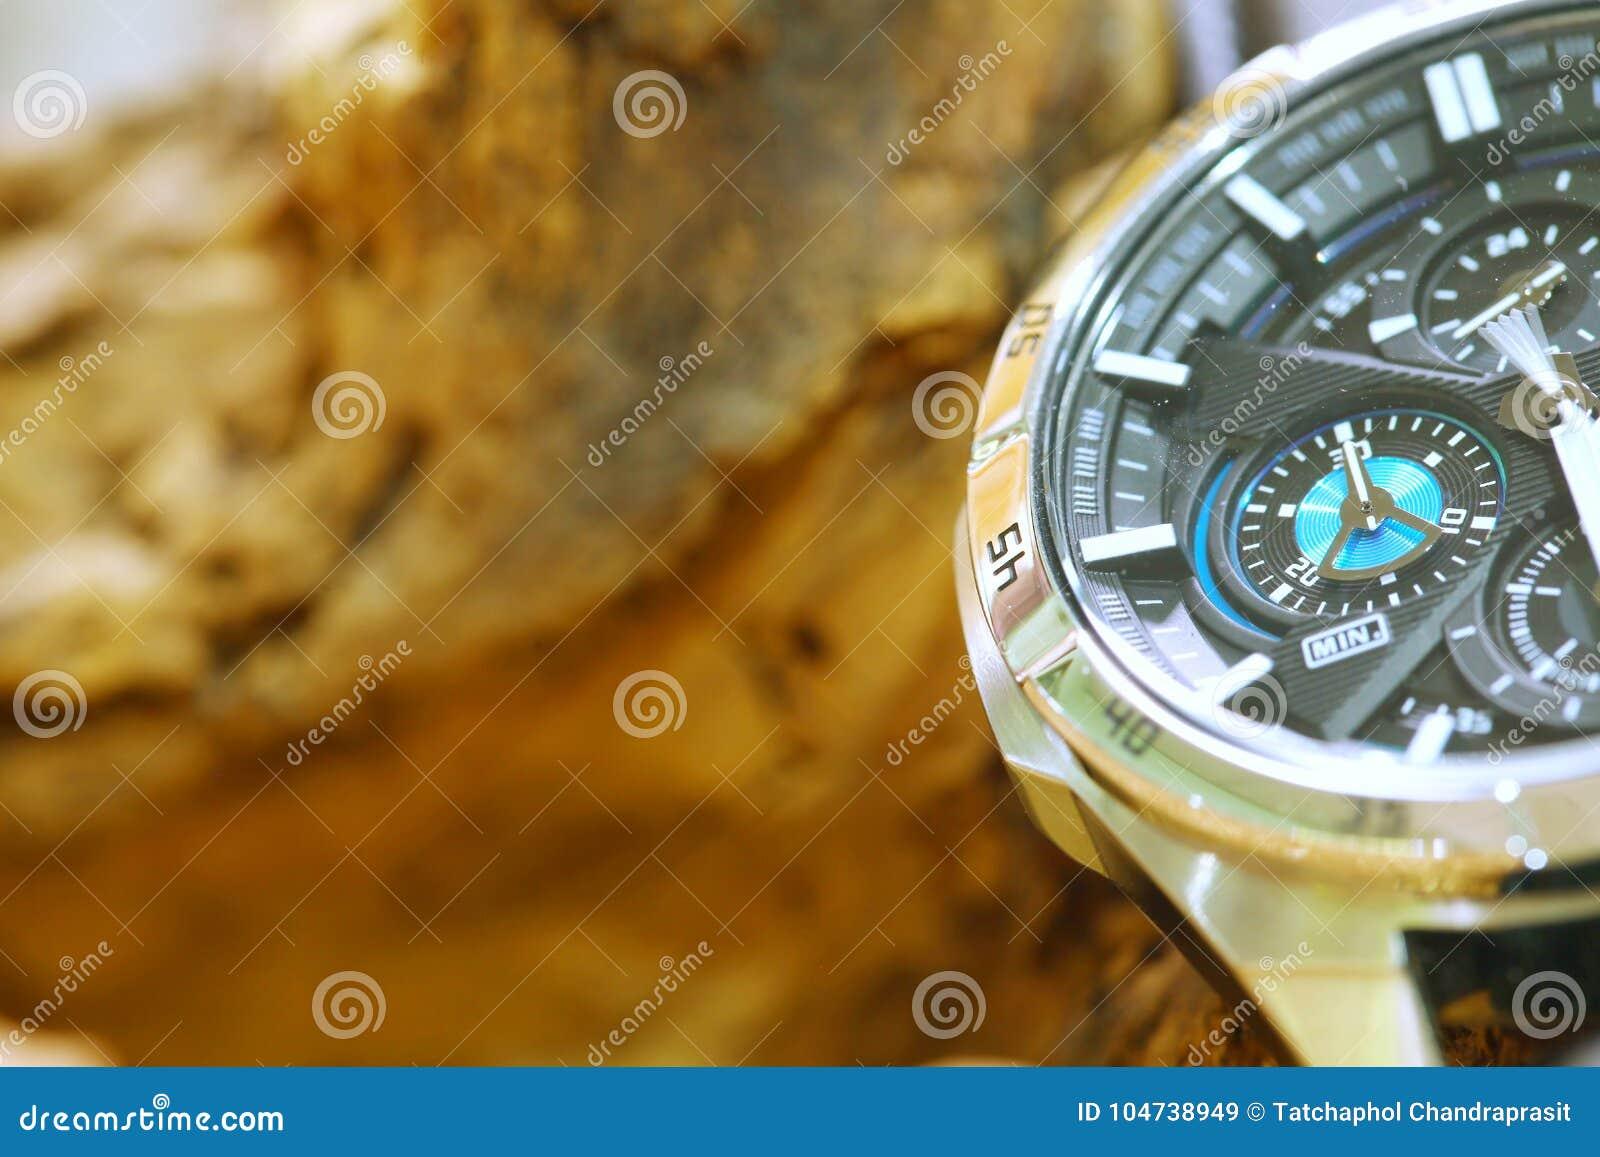 Relógio do cronógrafo posto ao lado do fundo de madeira